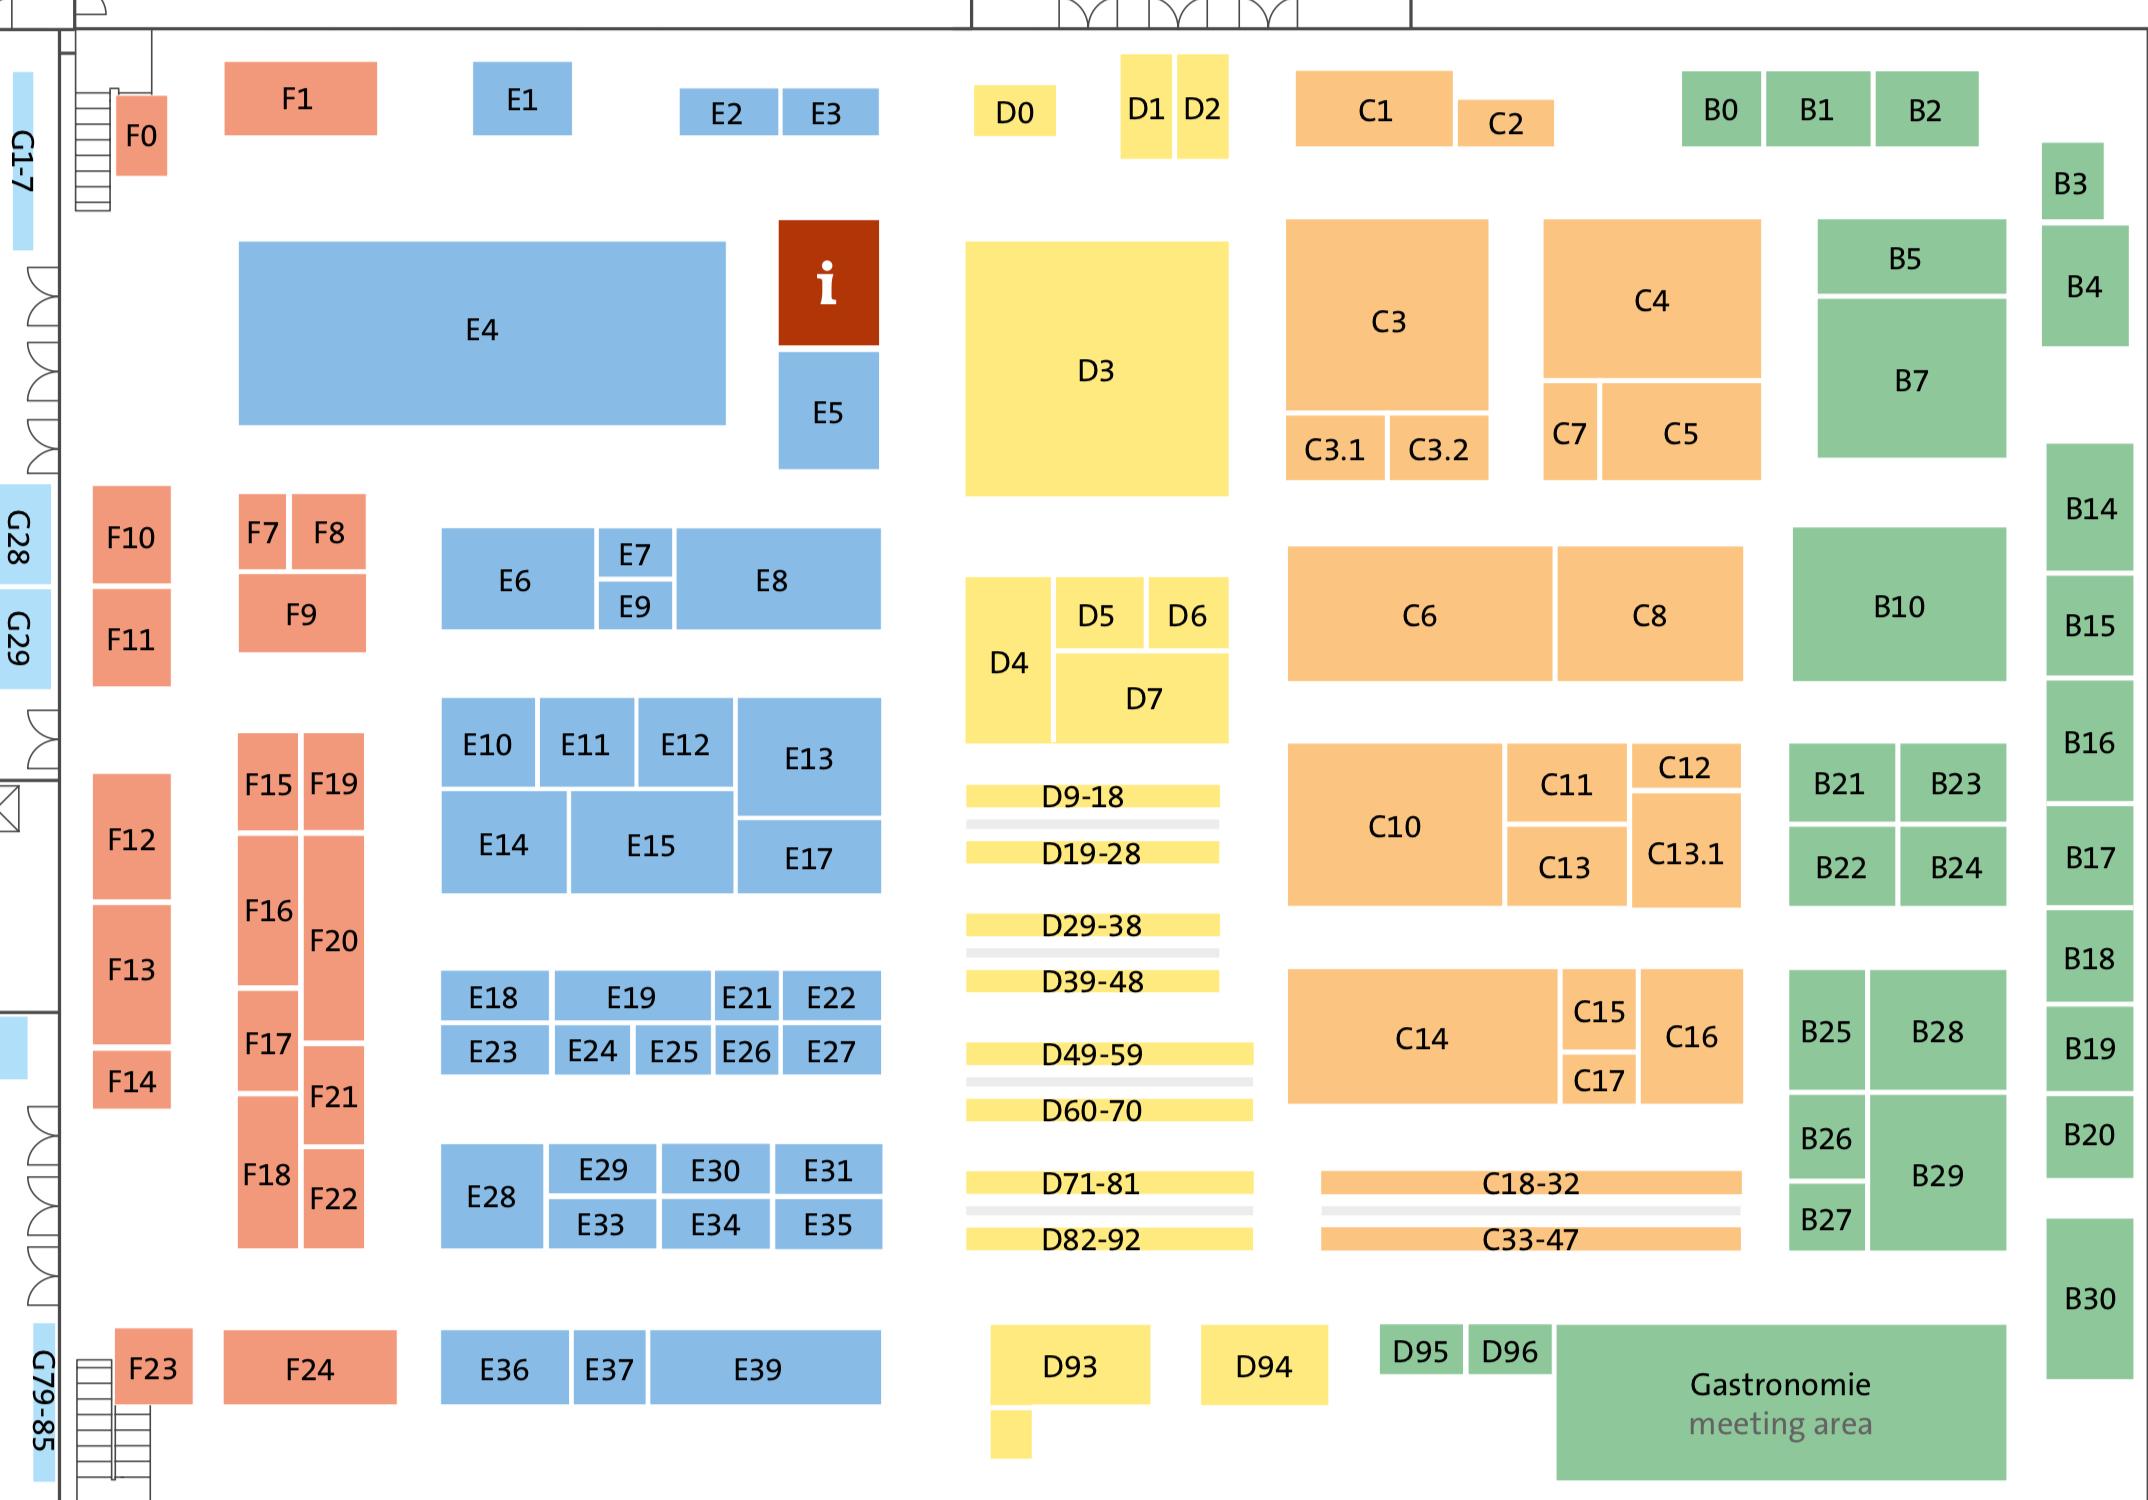 850807FA-6C63-4534-B63E-5E58E3E68F51.jpeg